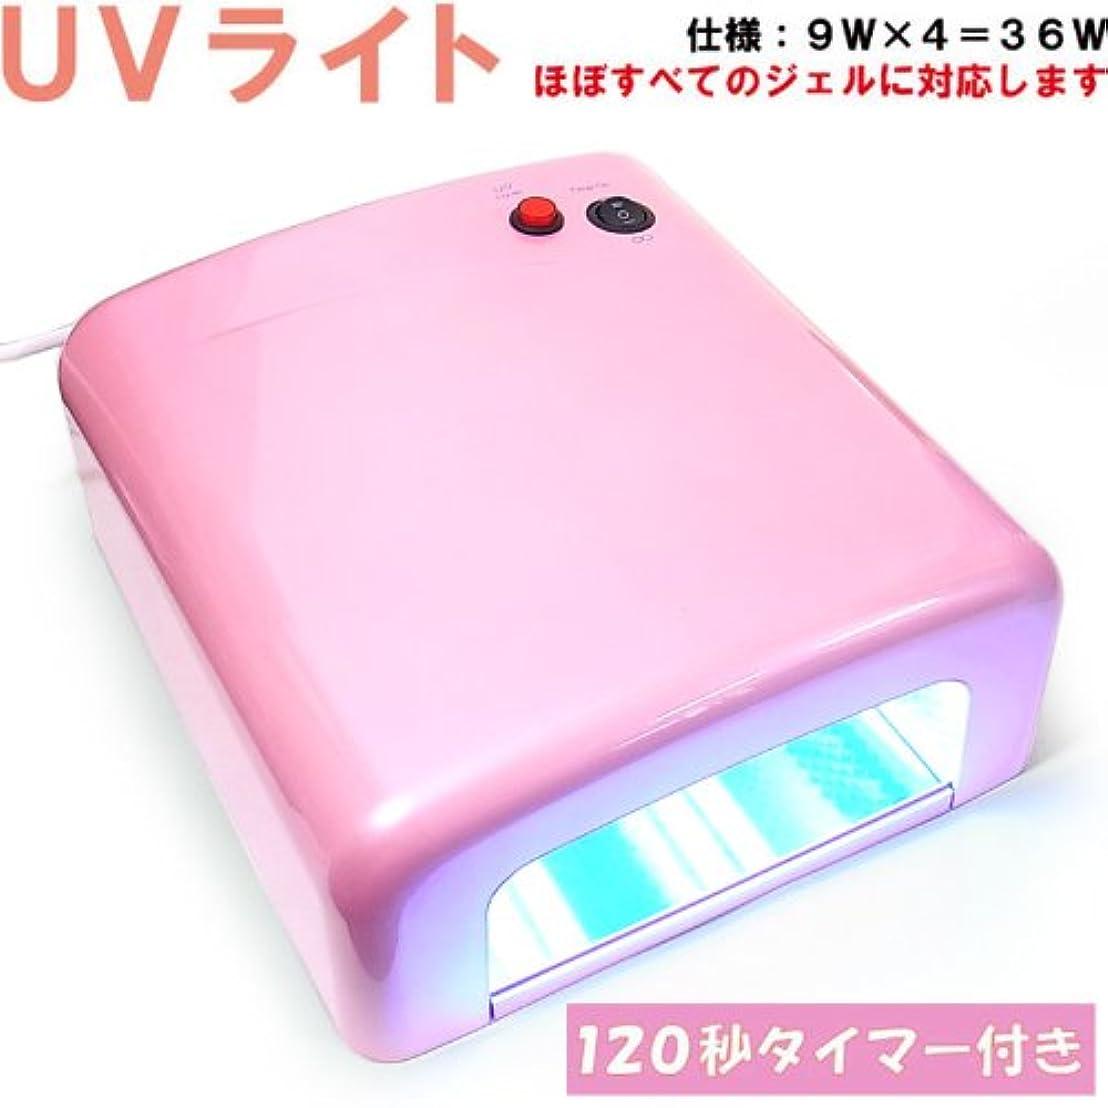 必要条件オーナメント匹敵しますジェルネイル用UVライト36W(電球9W×4本付き)UVランプ【ピンク】